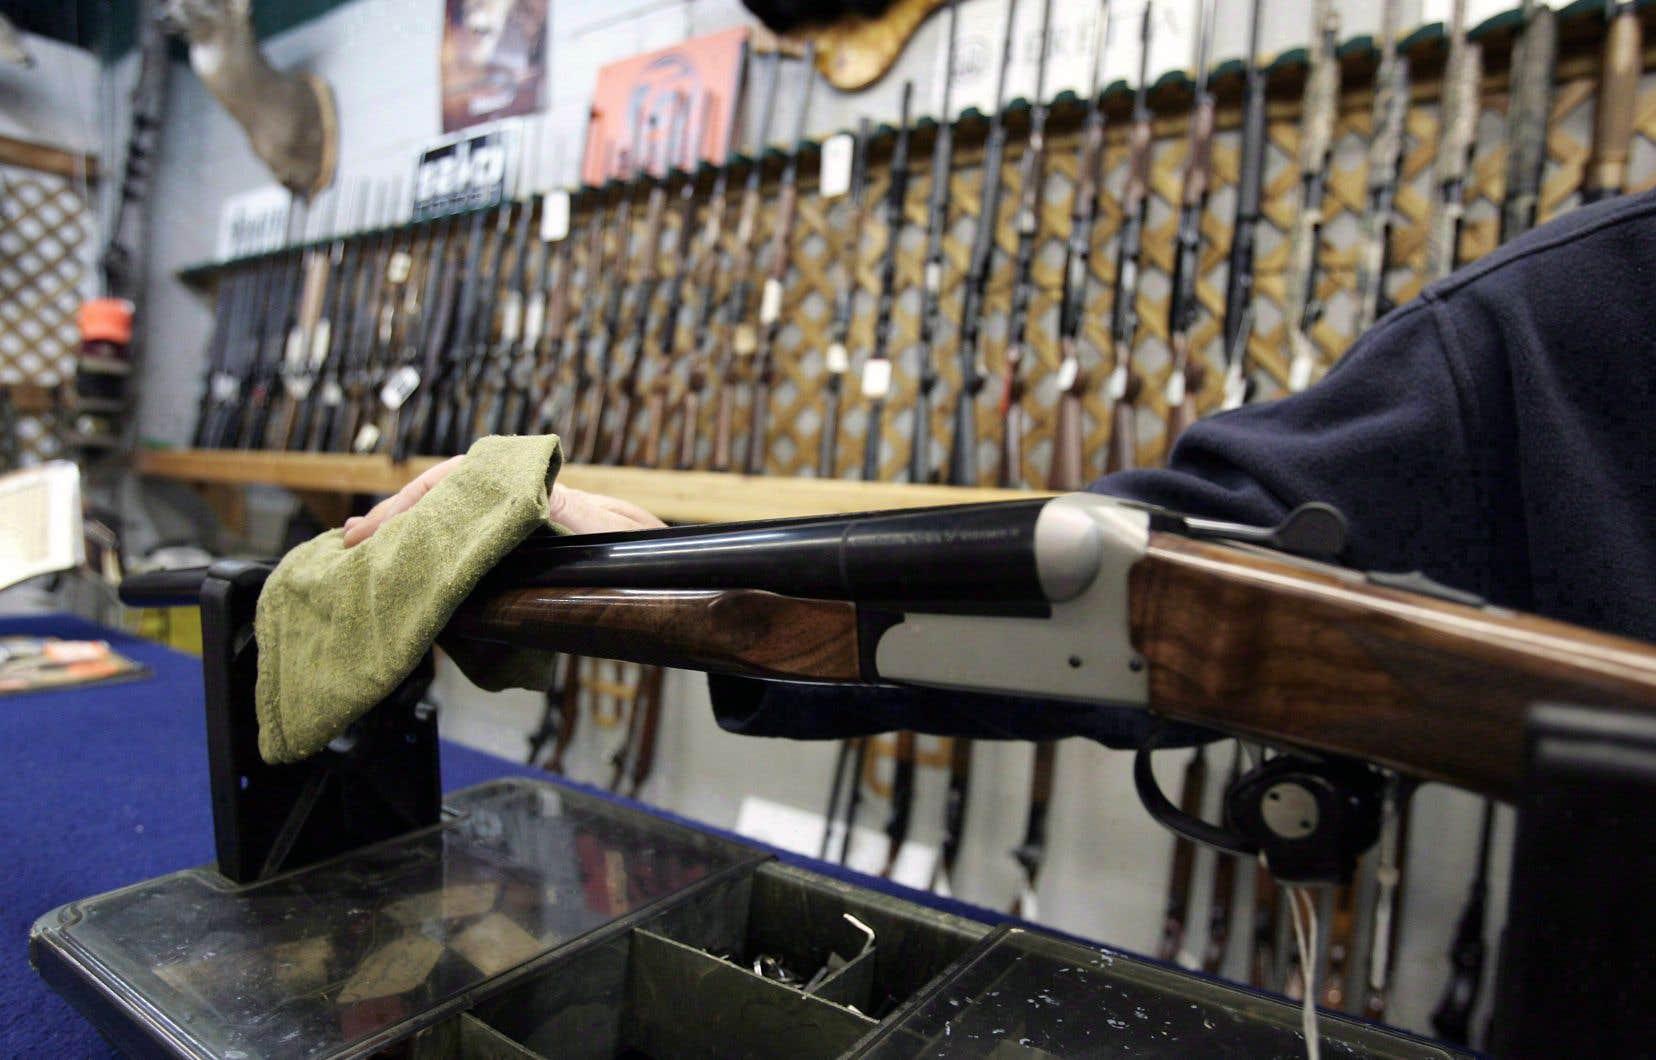 Avant son arrivée au pouvoir, la CAQ avait une position ambiguë dans ce dossier. En juin 2016, 7 des 20 députés caquistes s'étaient opposés à l'adoption de la Loi sur l'immatriculation des armes à feu.